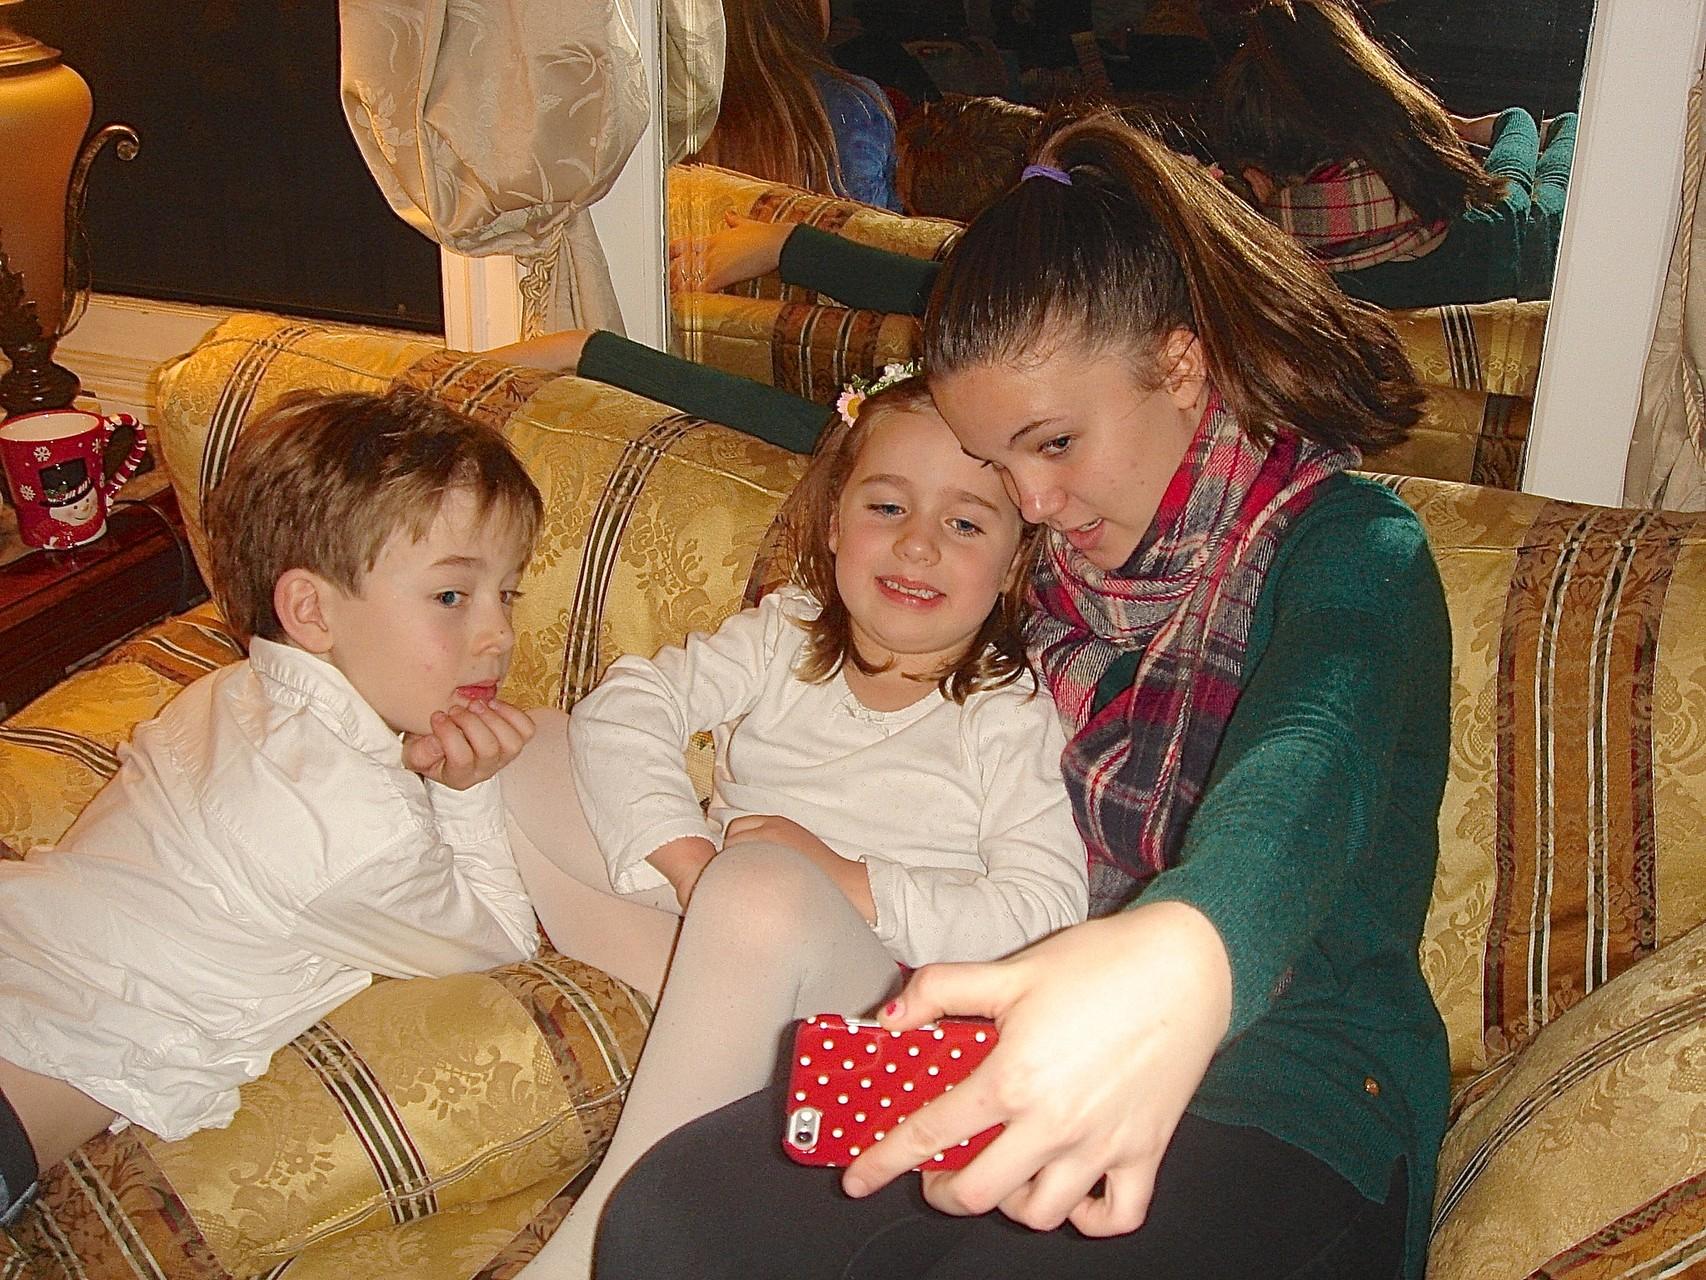 Alexandre, Charlotte, & Kate take a selfie